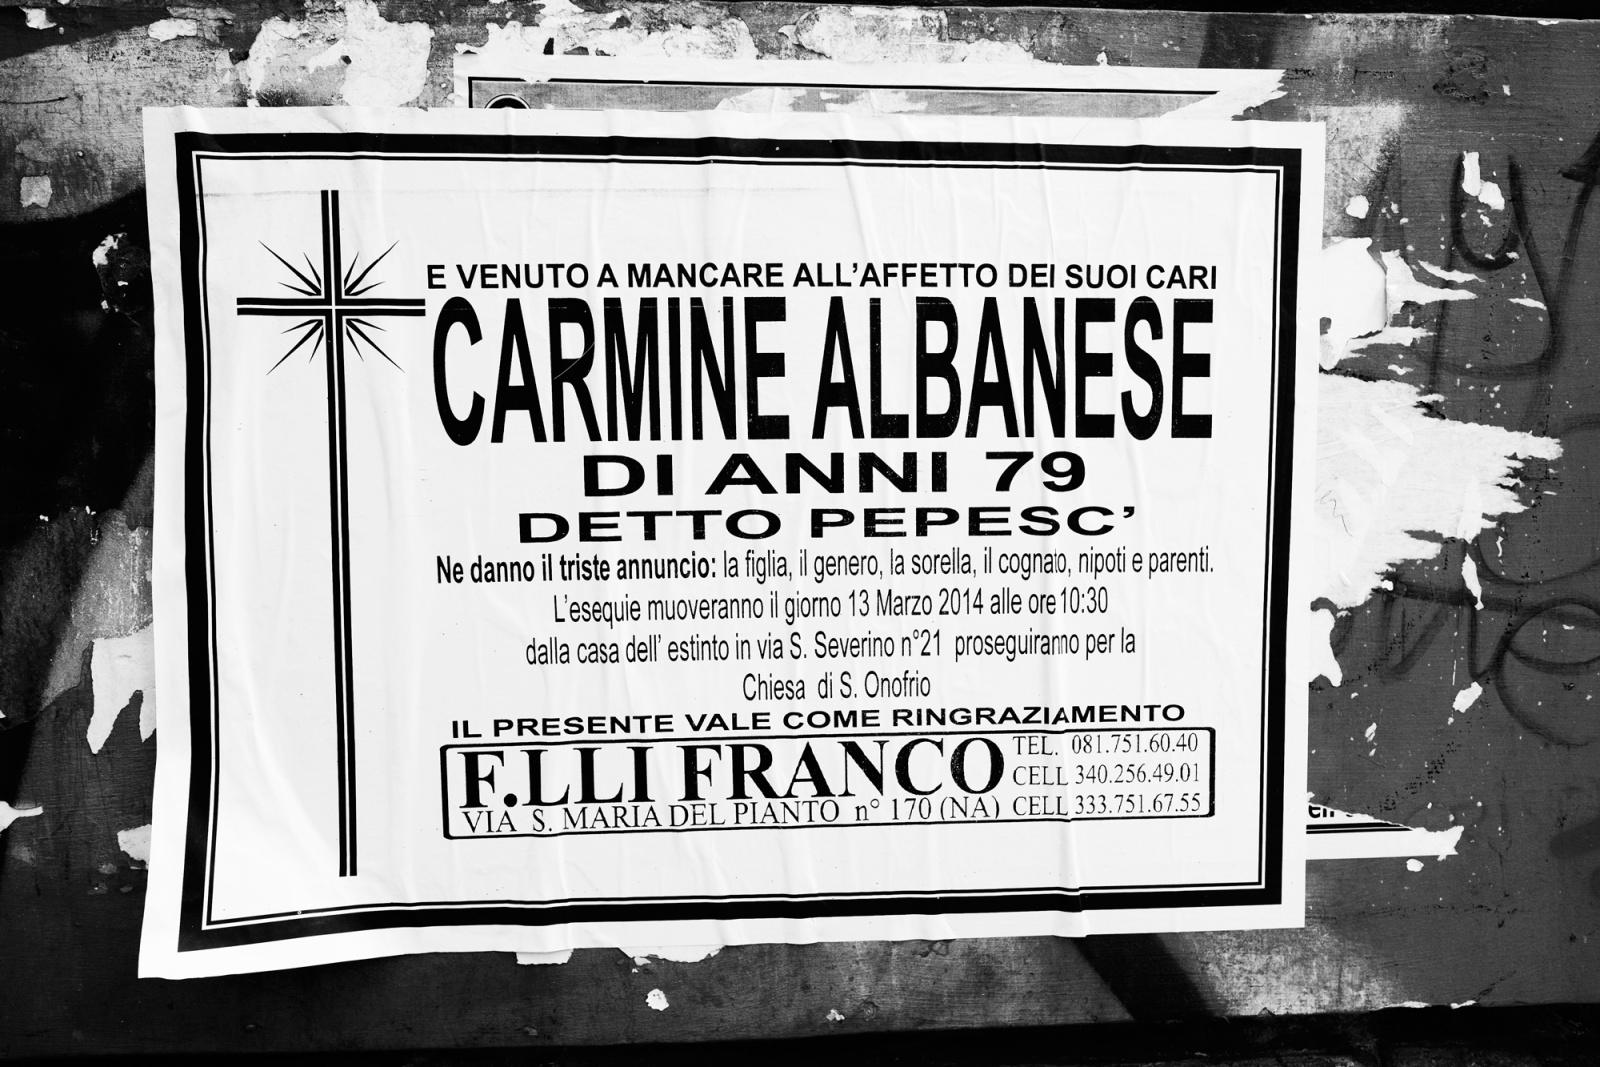 """Carmine Calabrese, detto """"pepesc"""" - Napoli, 2015"""